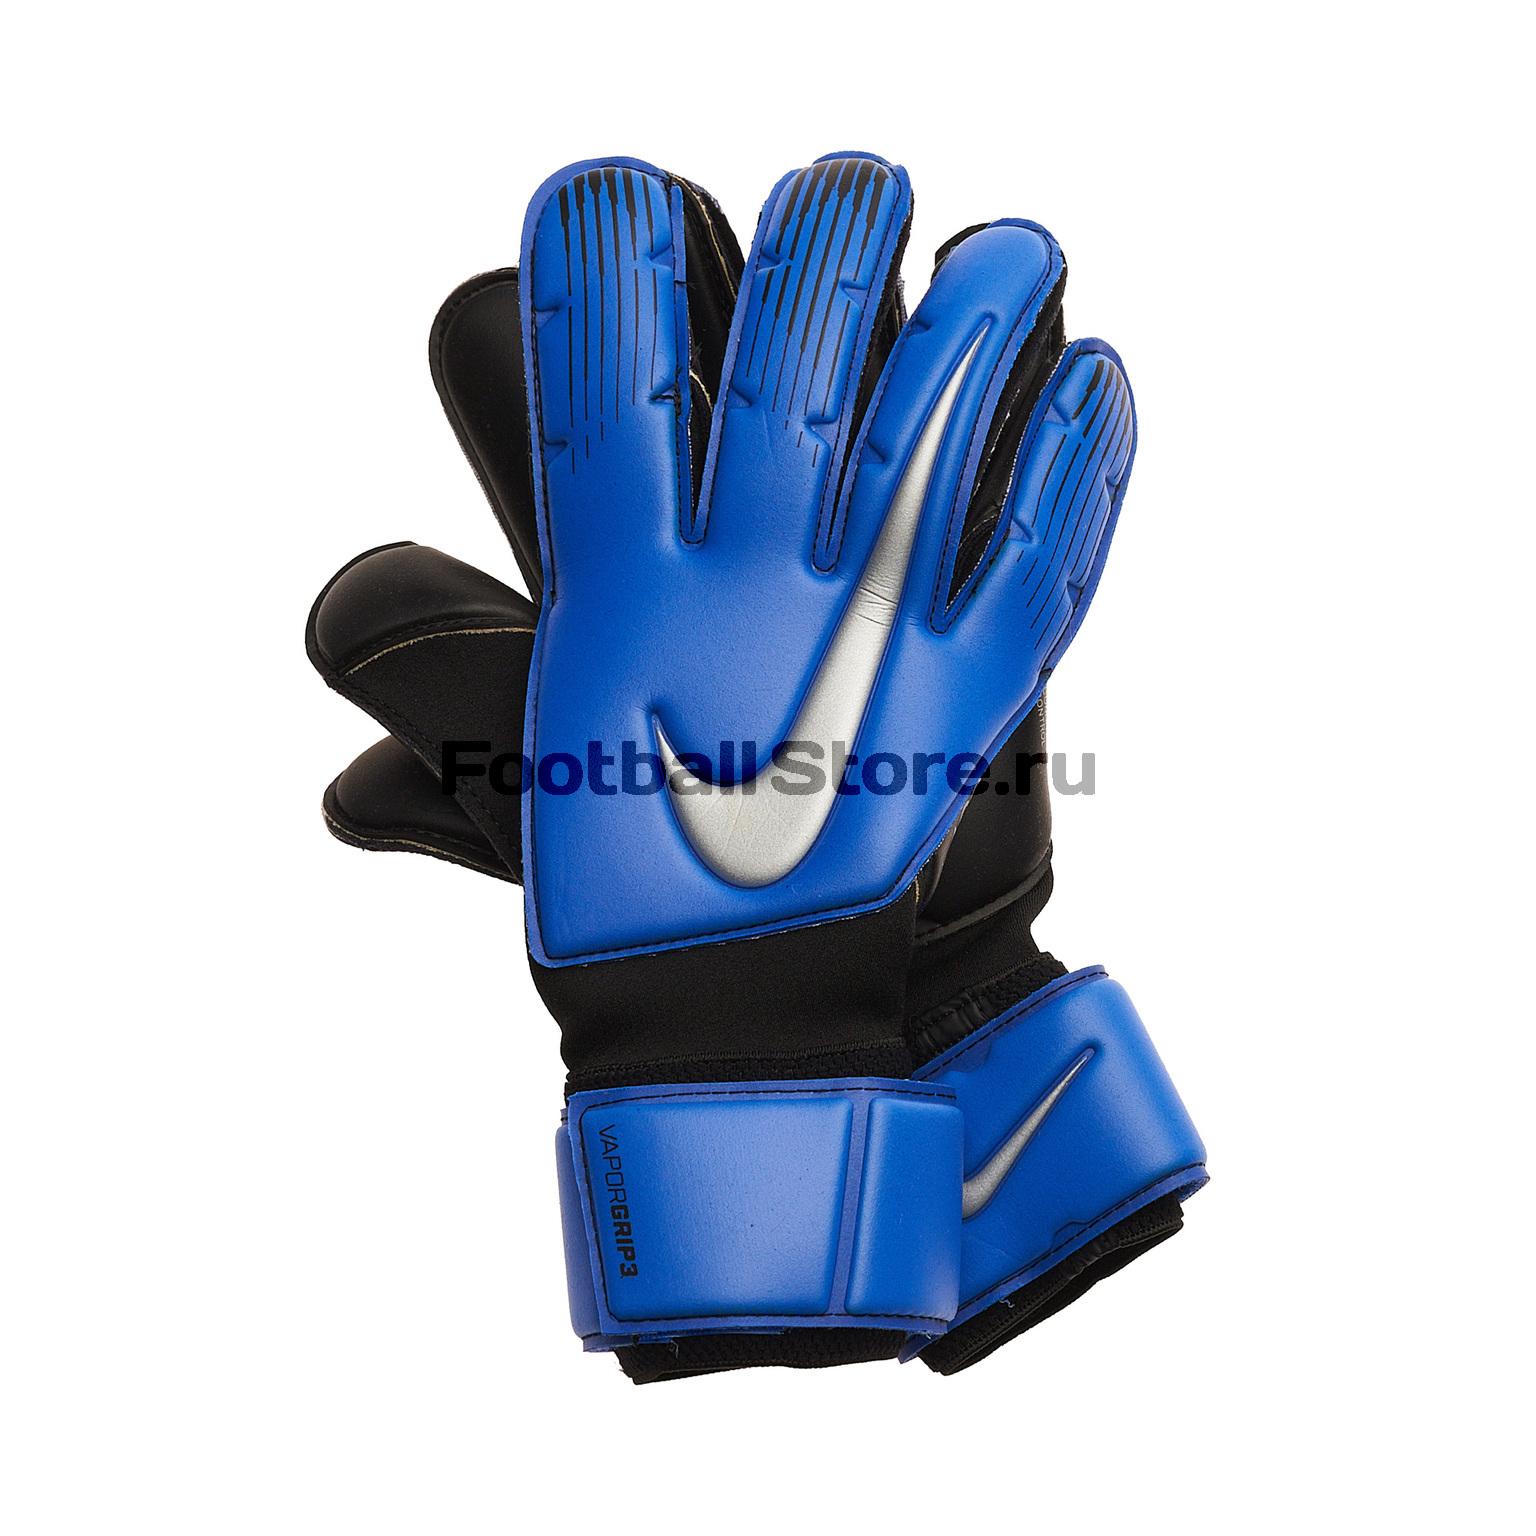 Перчатки вратарские Nike GK Vapor CGP3-New GS0352-410 - купить в интернет  магазине Footballstore, цена, фото 4088488831d